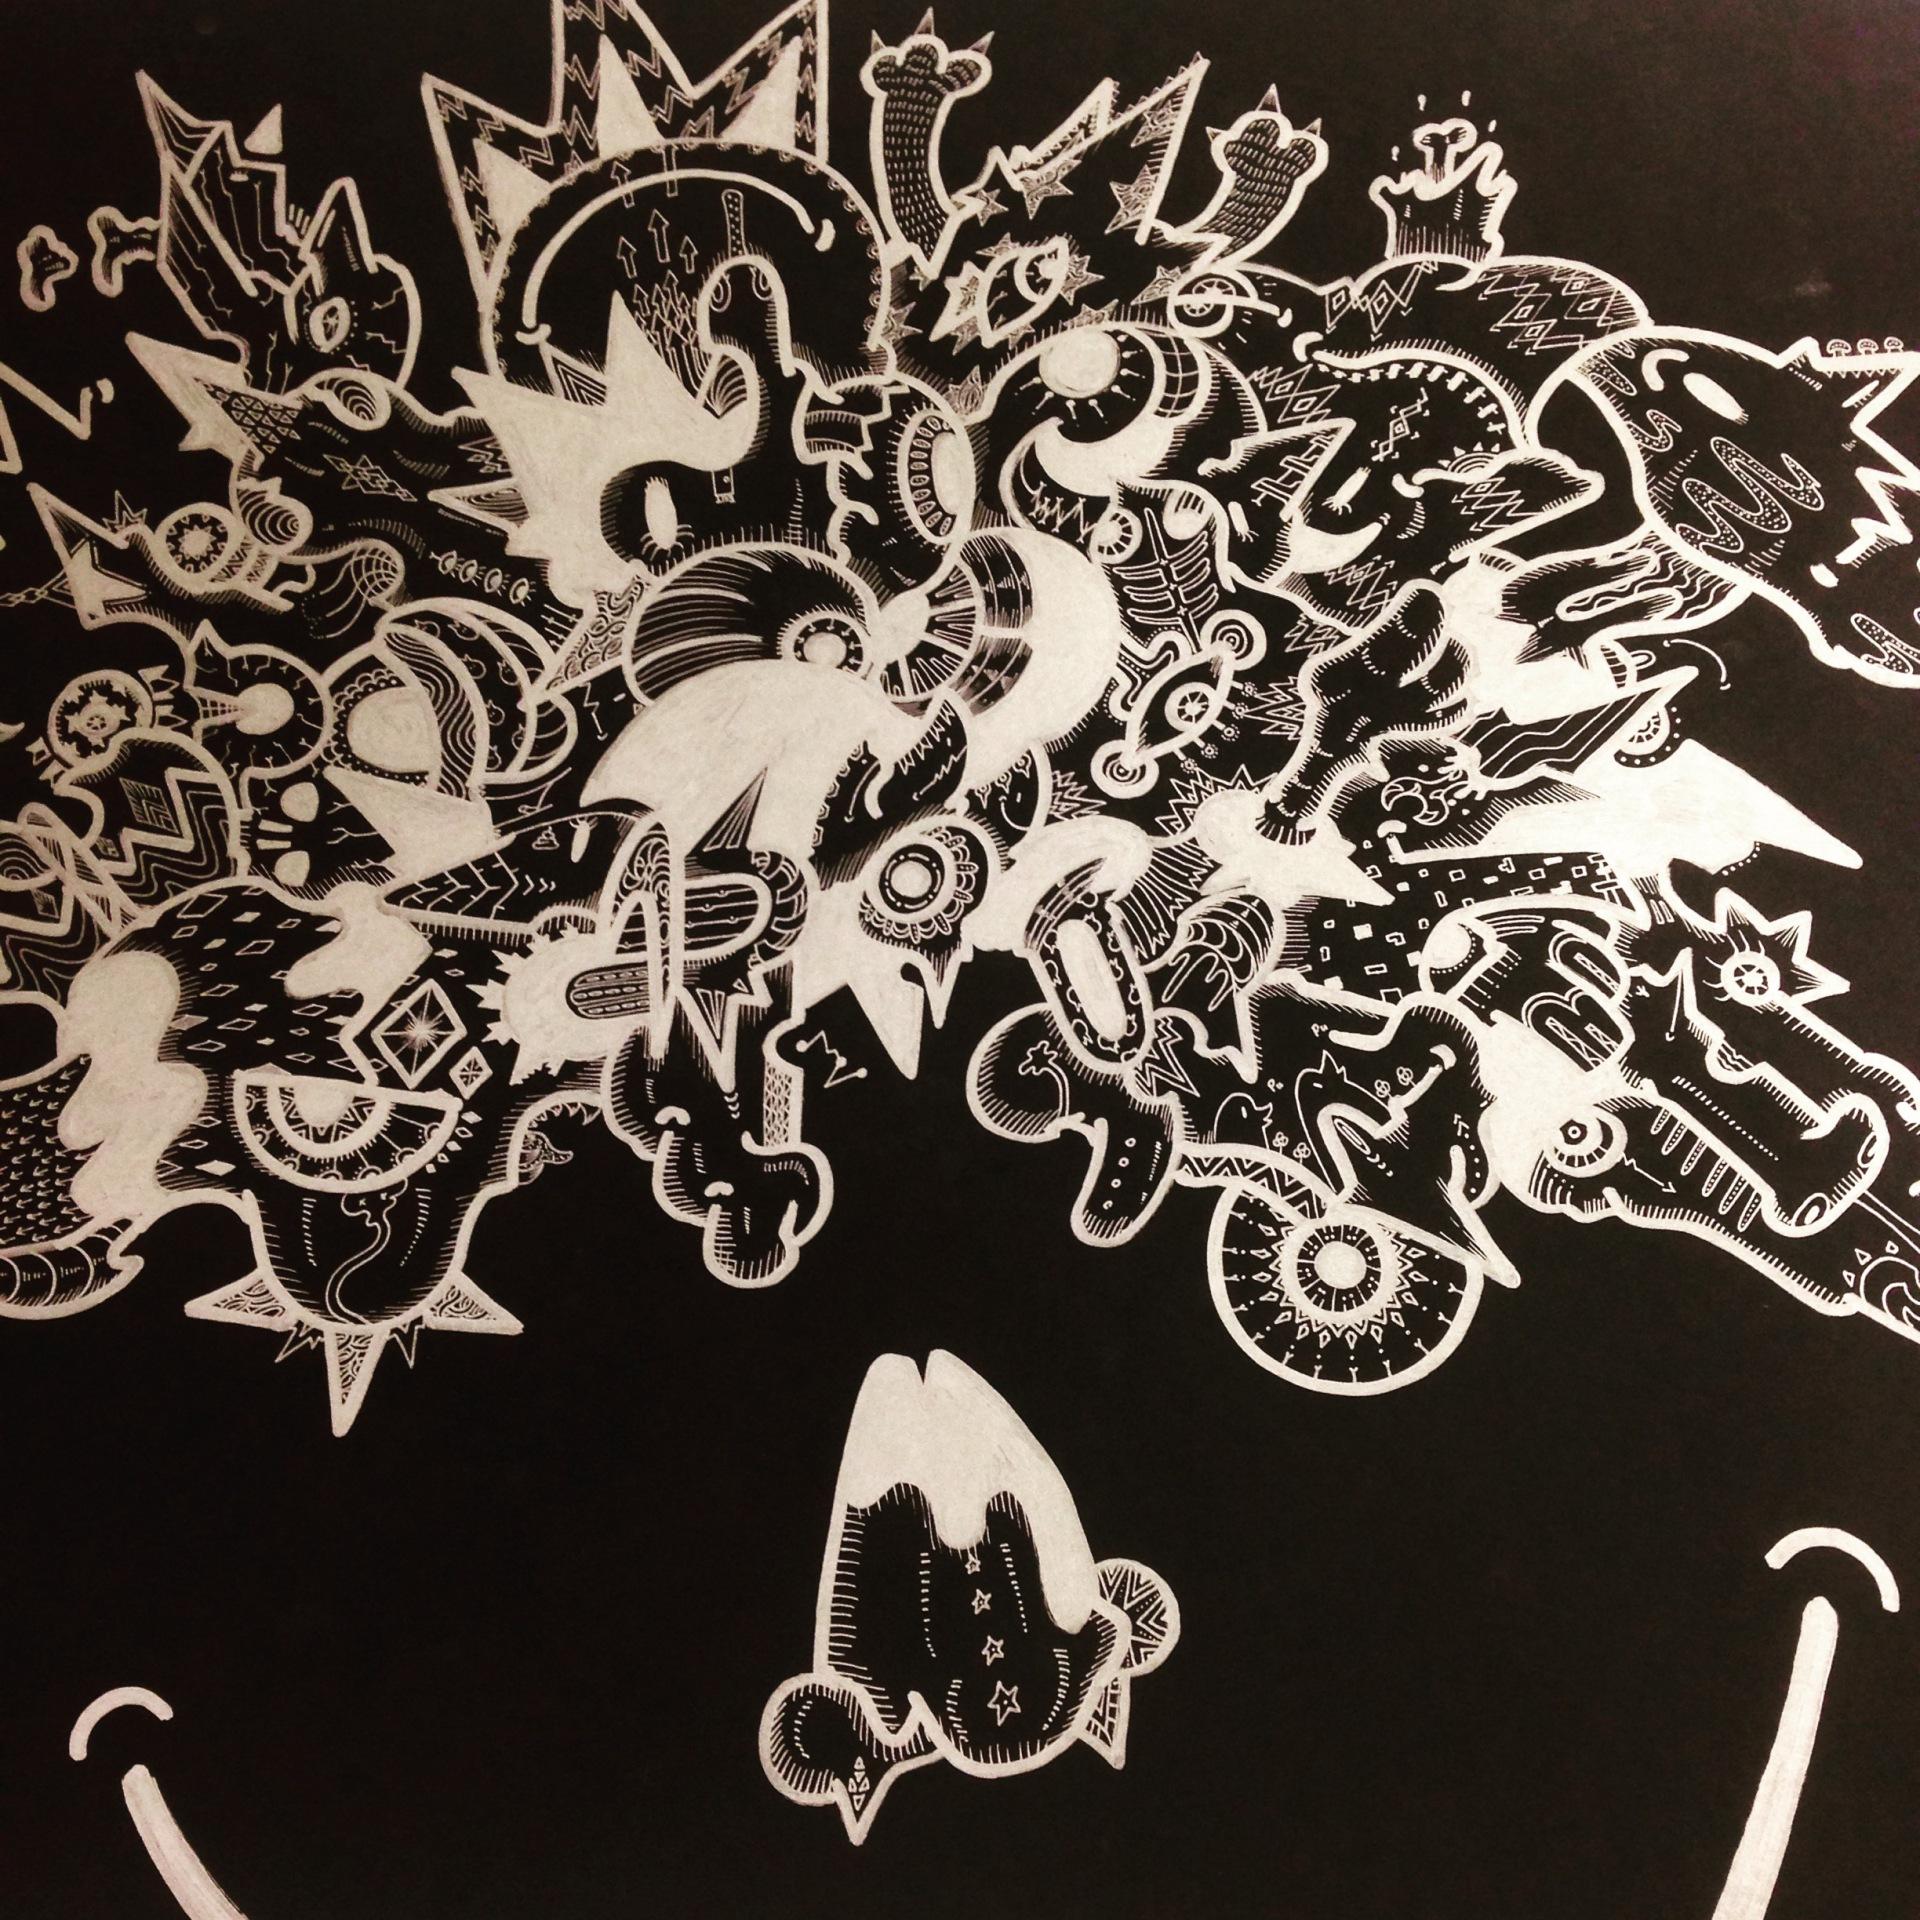 zunzima drawing